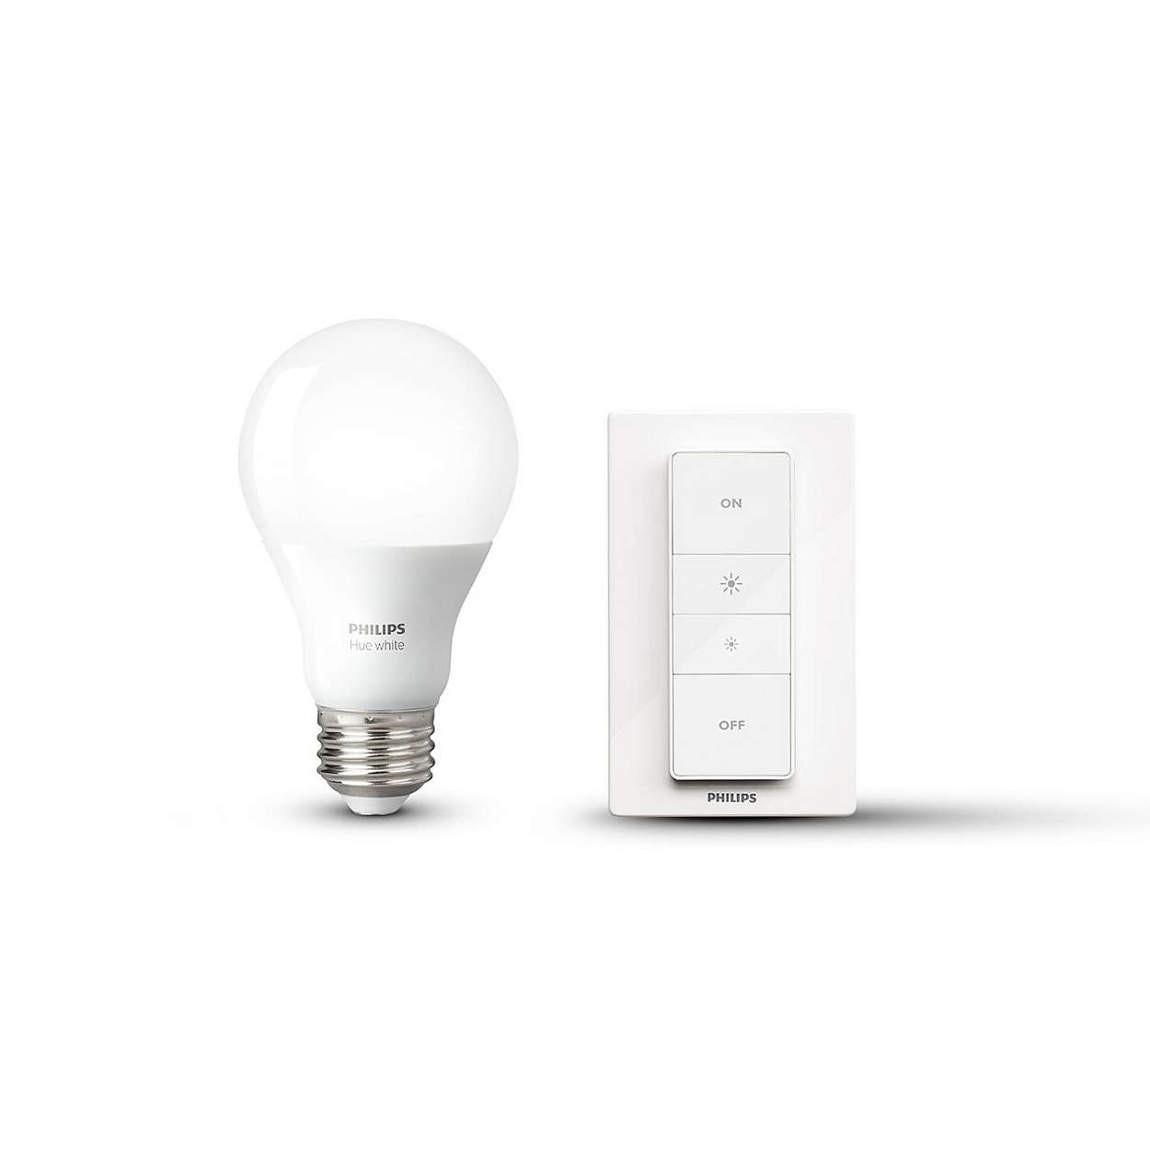 Philips Hue Wireless Dimming Kit E27 - Dimmschalter + Lampe - White